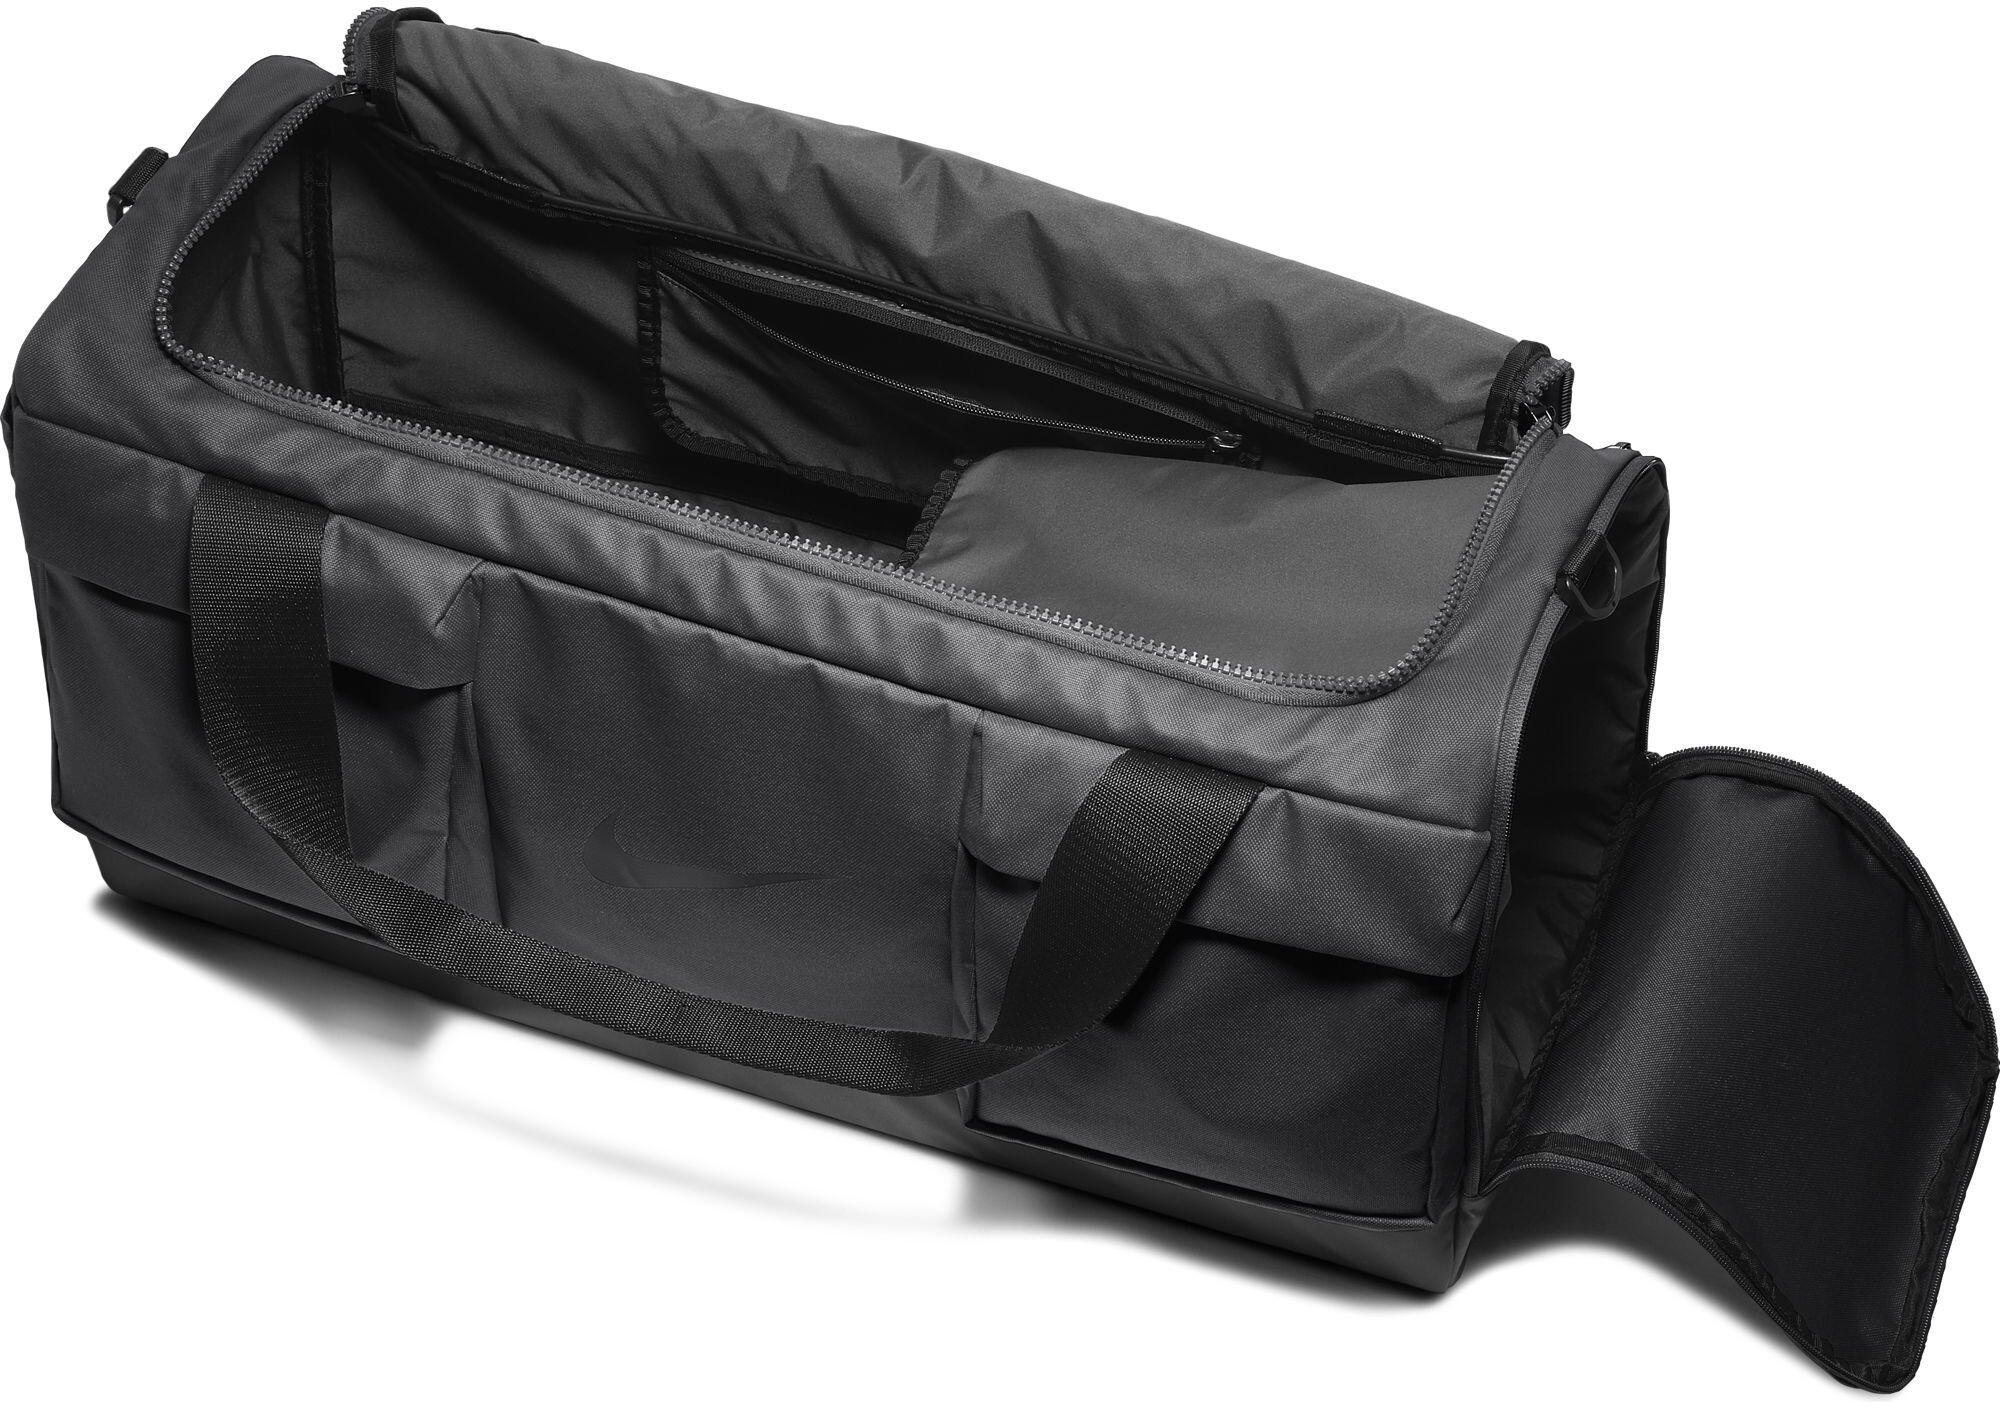 Nike Vapor Power - Sac de voyage - noir sur CAMPZ ! 0b0c8698c01b1